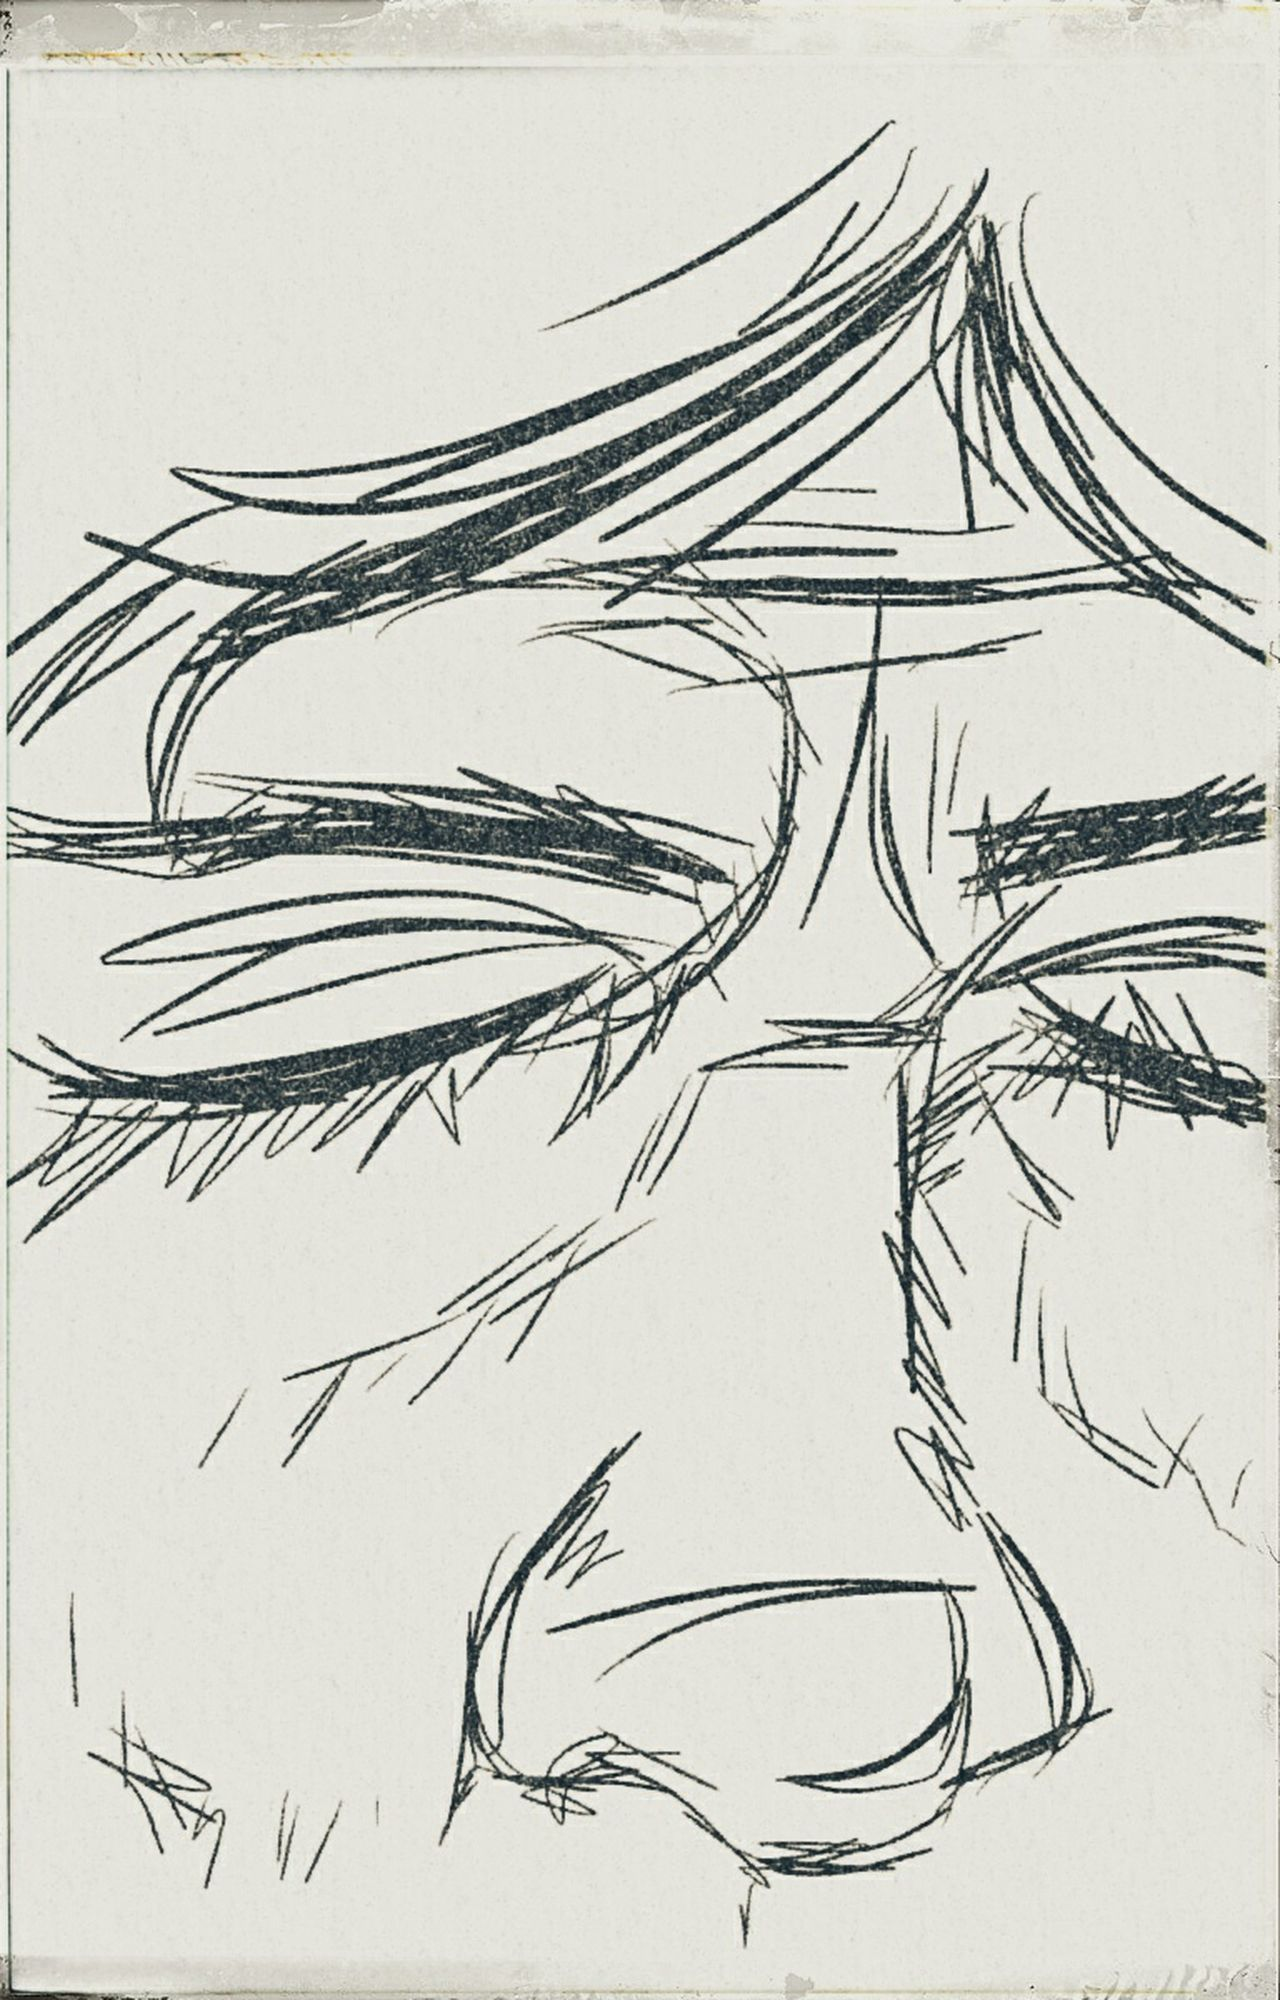 ปวดใจดังไฟสุมทรวงทะลวงอกฉัน.... Alone Time Sketch Industry Food No People Wheat Lineart Sketch Art